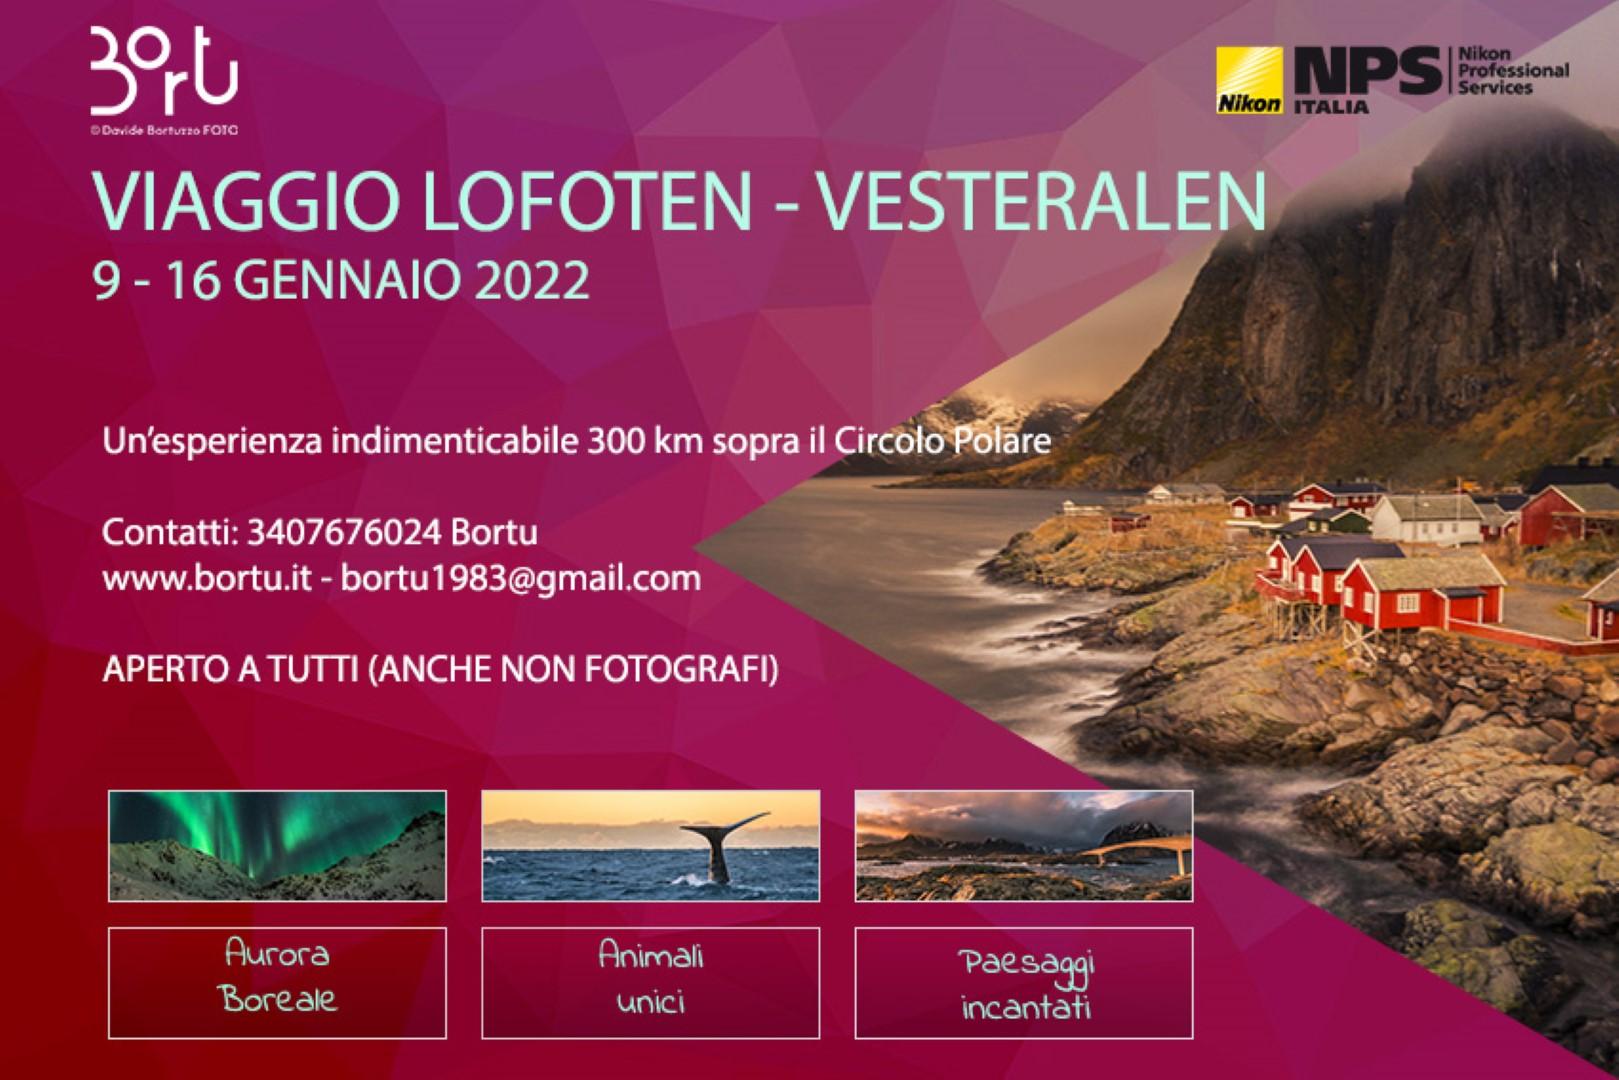 VIAGGIO-LOFOTEN-2022